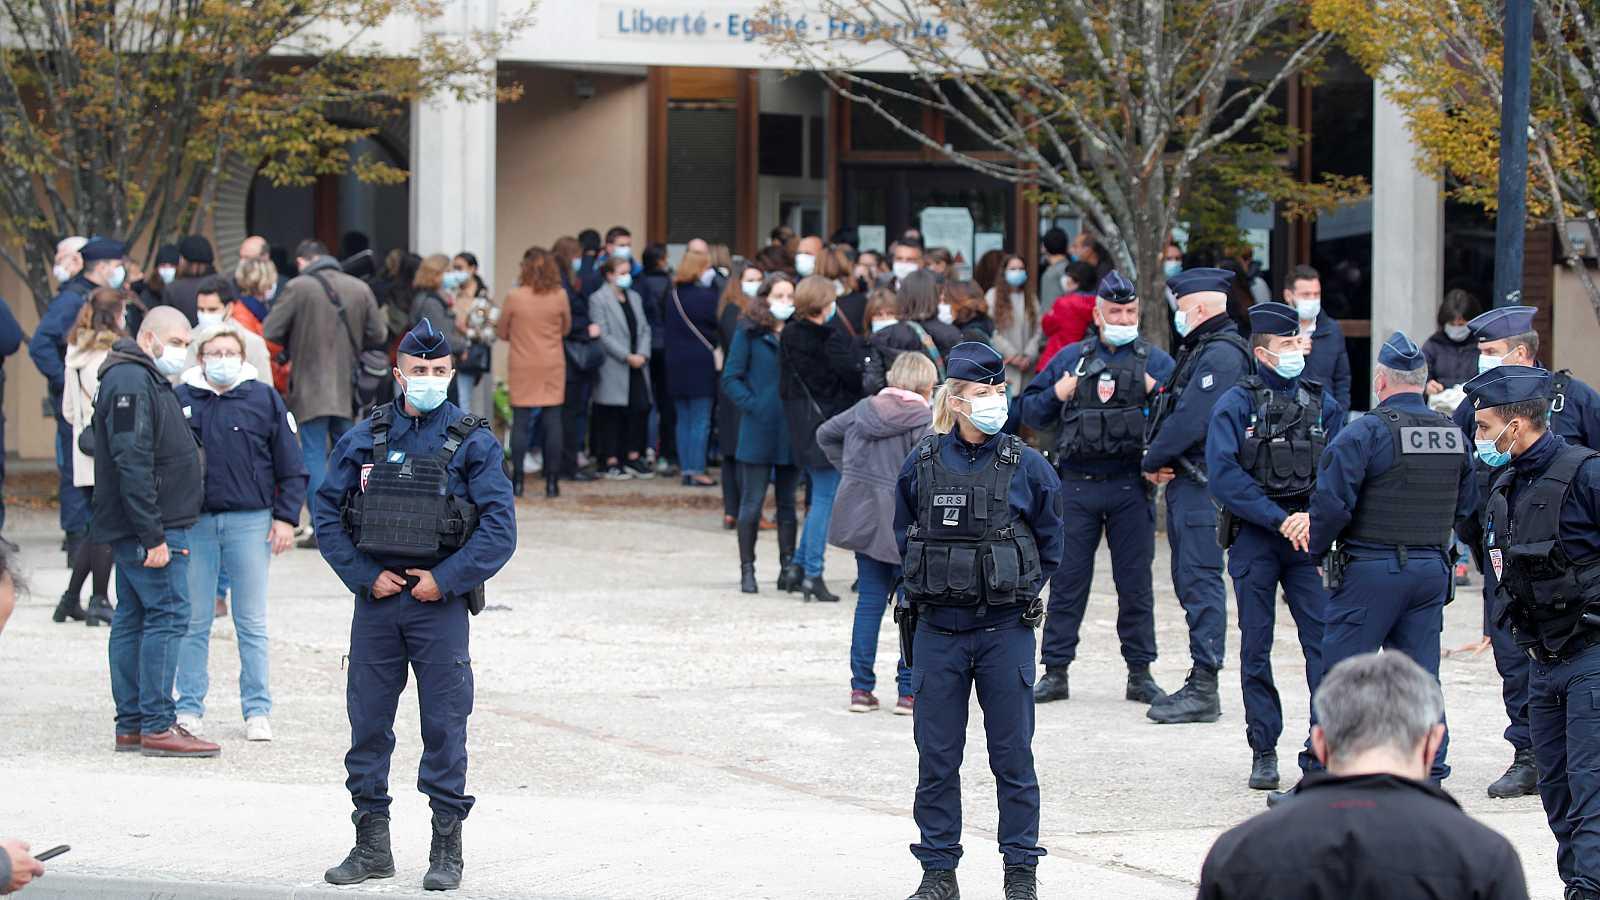 Francia intensifica las operaciones policiales contra el yihadismo tras la decapitación del profesor Paty